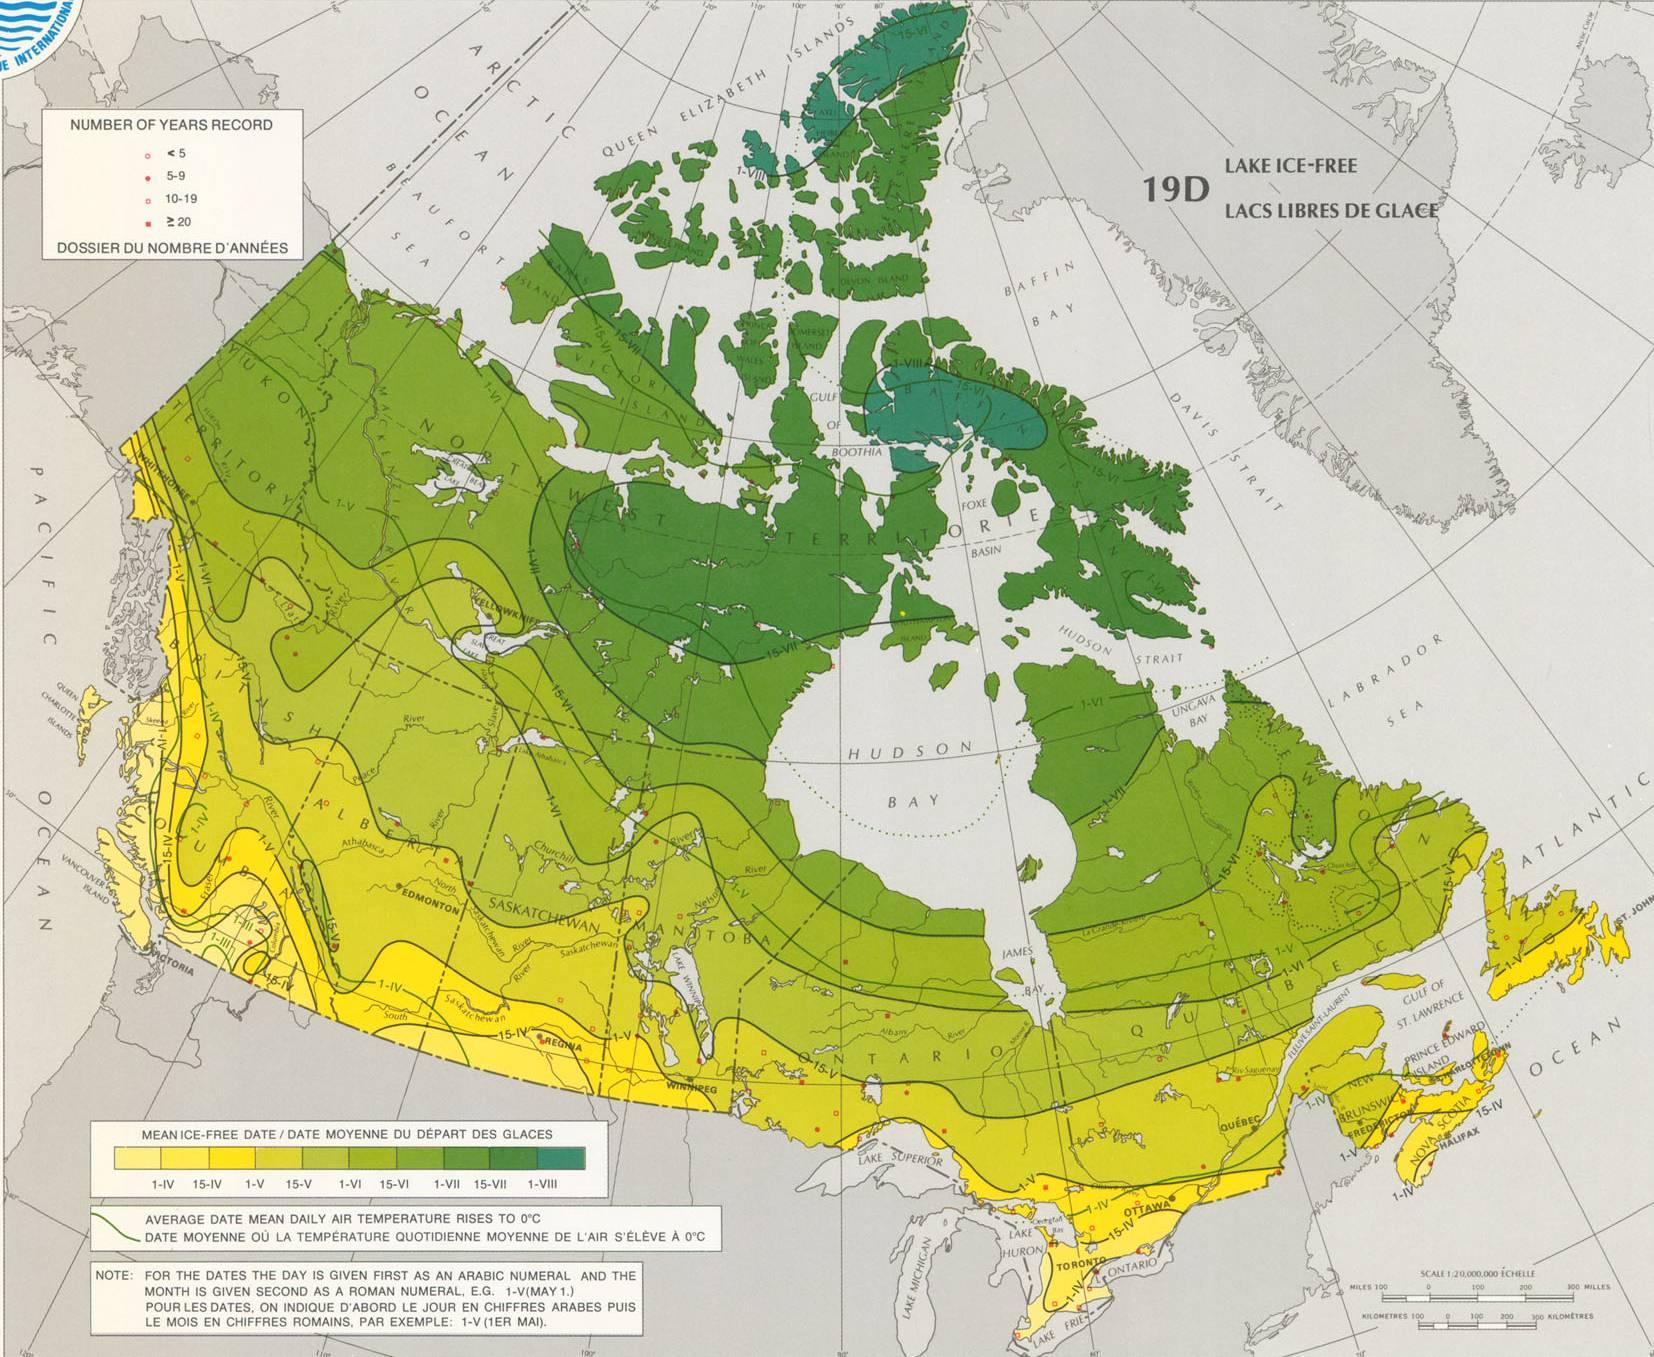 Климат и сезоны в канаде - когда лучше приезжать | текущий прогноз погоды